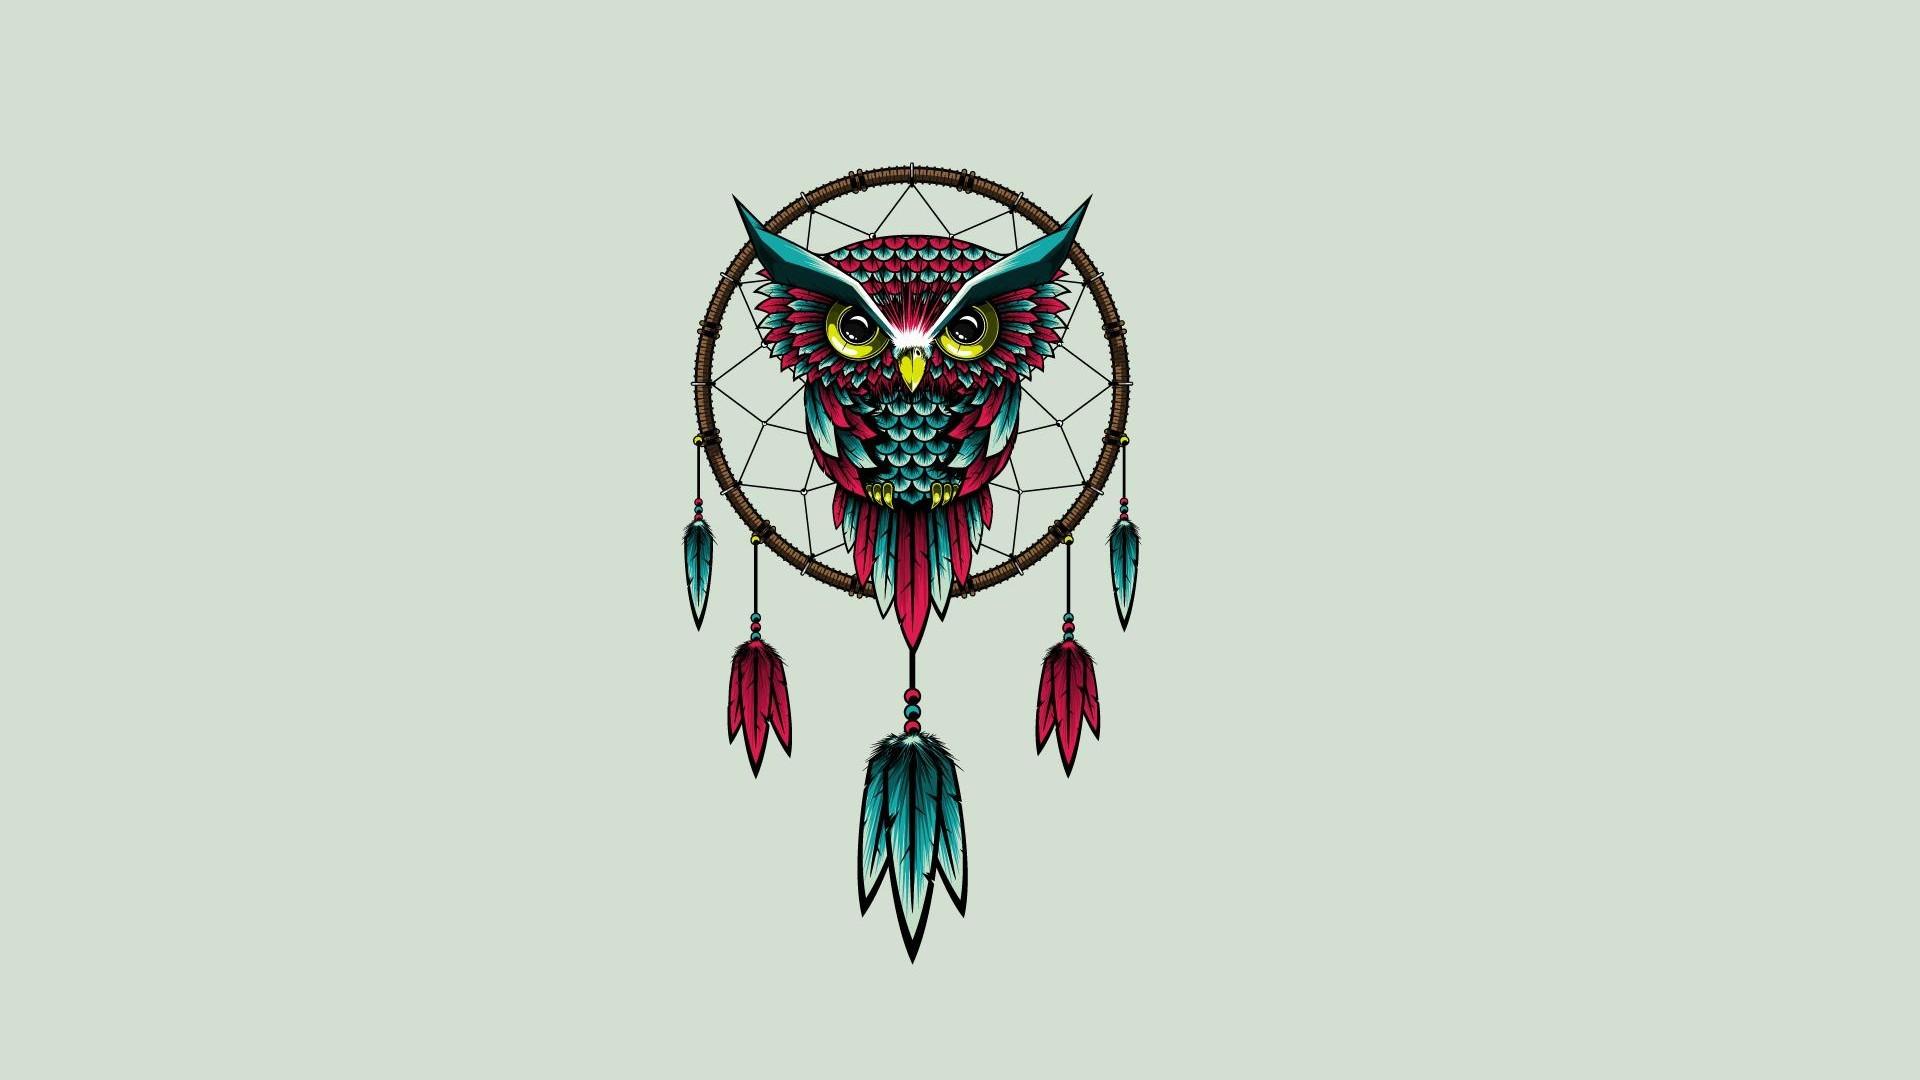 Cute cartoon owl wallpaper 54 images 1920x1080 cute owl wallpaper hd voltagebd Images